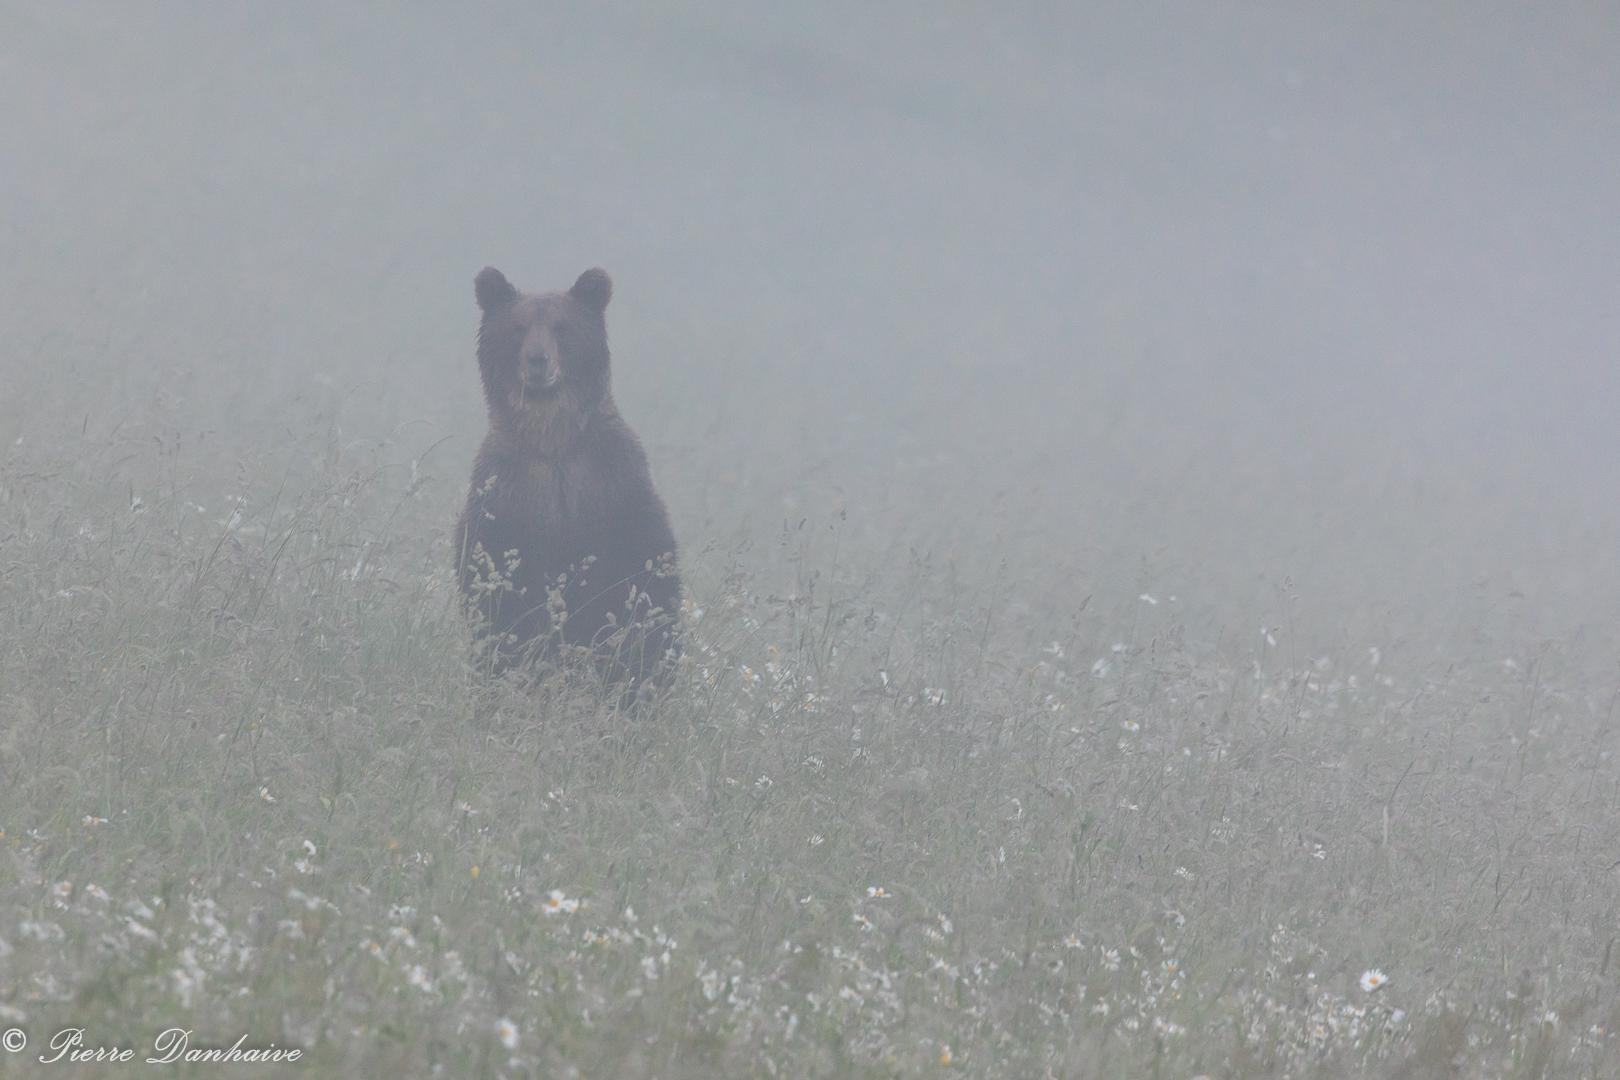 Un ours dans la brume